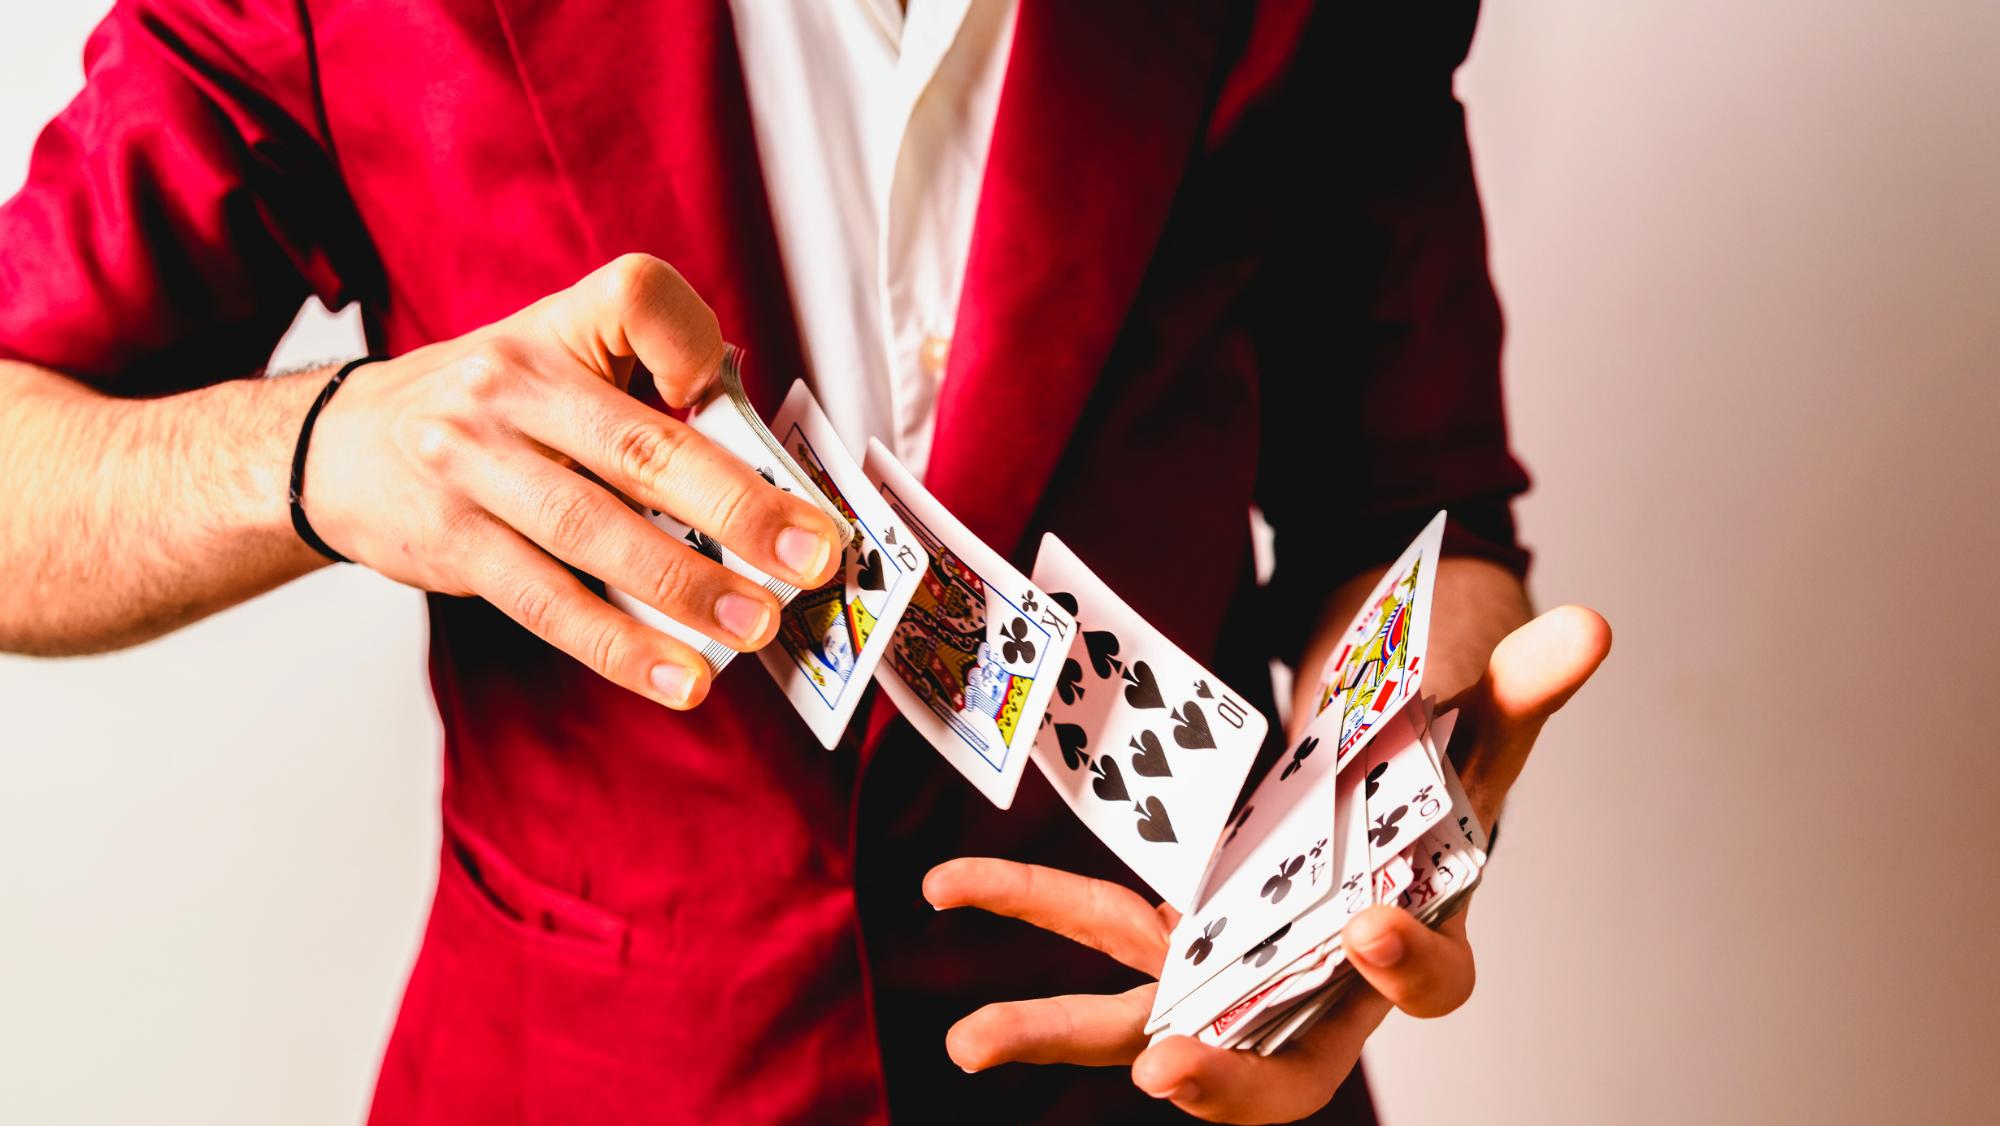 Impara a stupire con i giochi di prestigio, arriva la Sicily Magic Academy